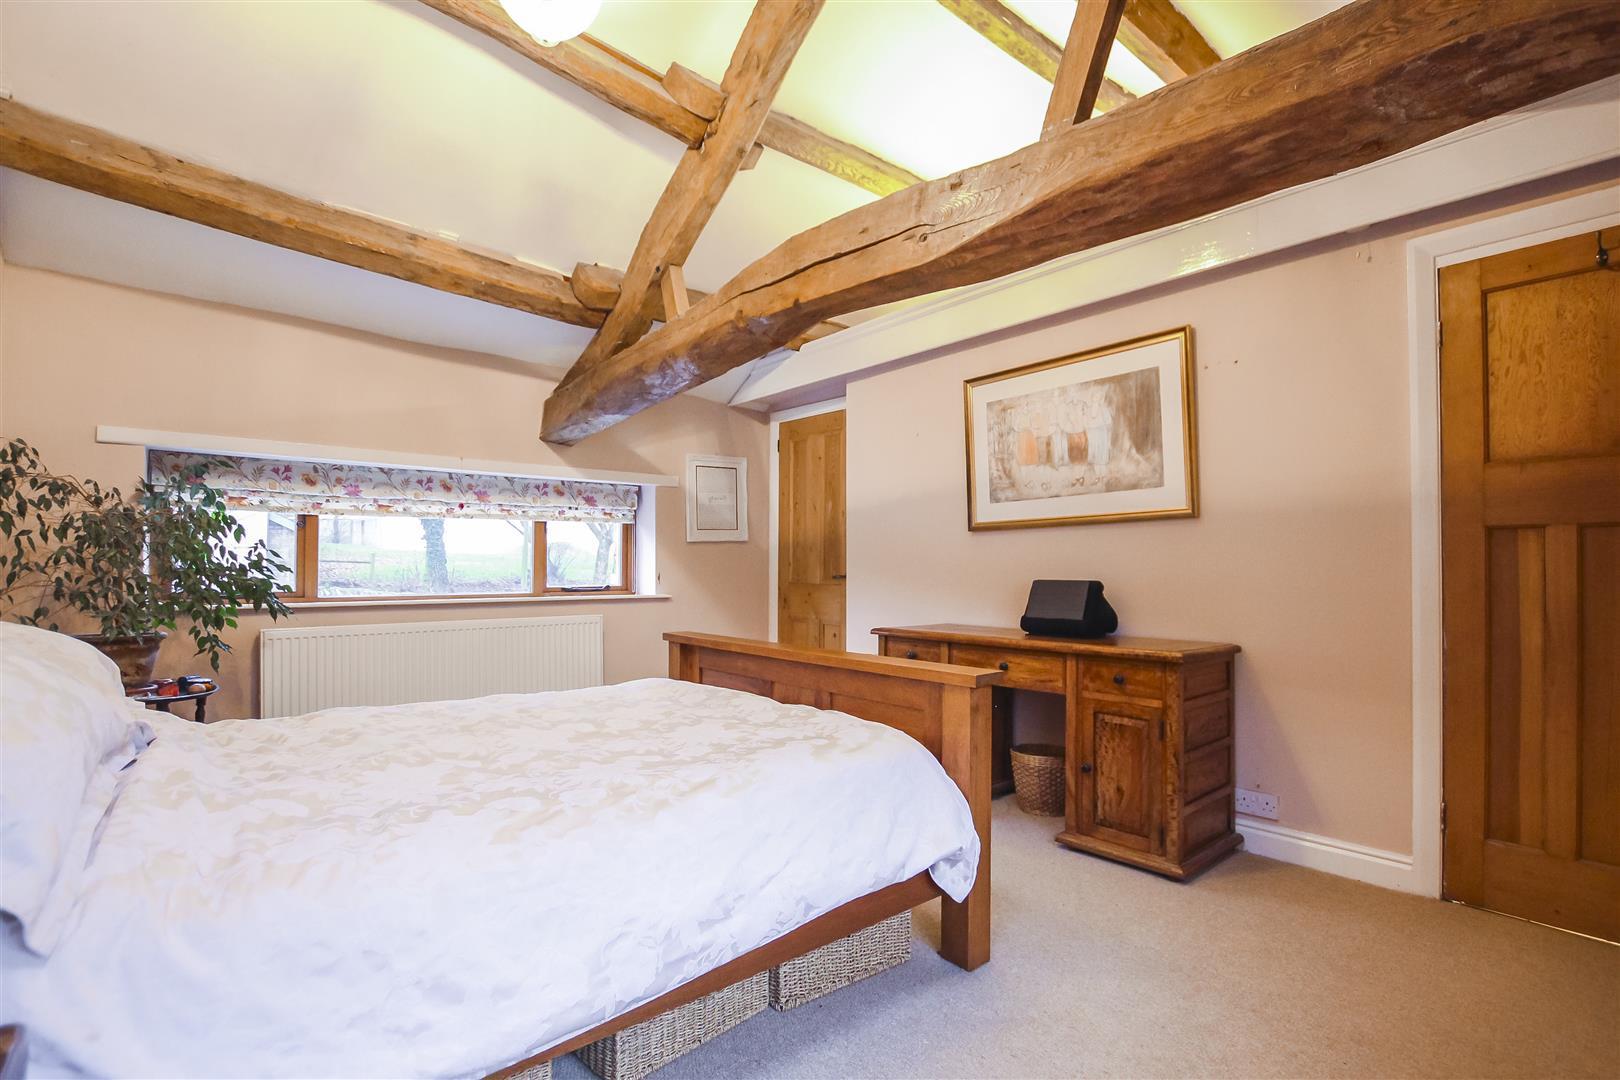 2 Bedroom Cottage For Sale - Bedroom One